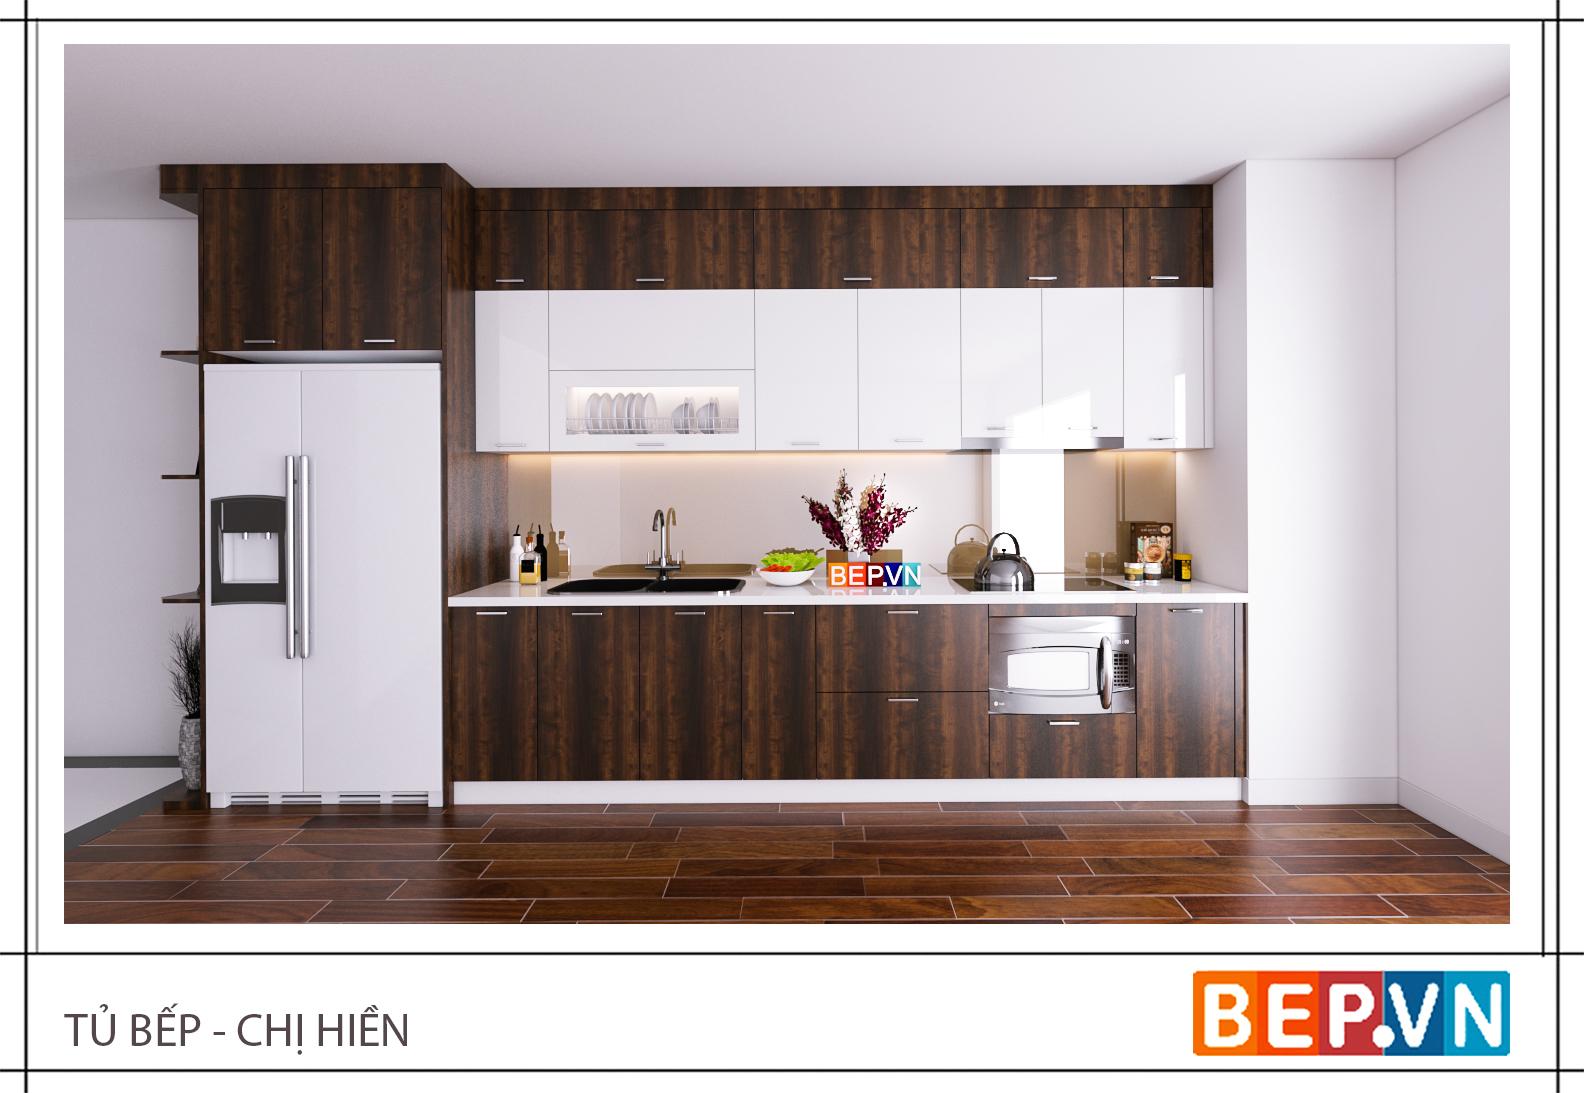 6 Lưu ý để có một tủ bếp hoàn hảo